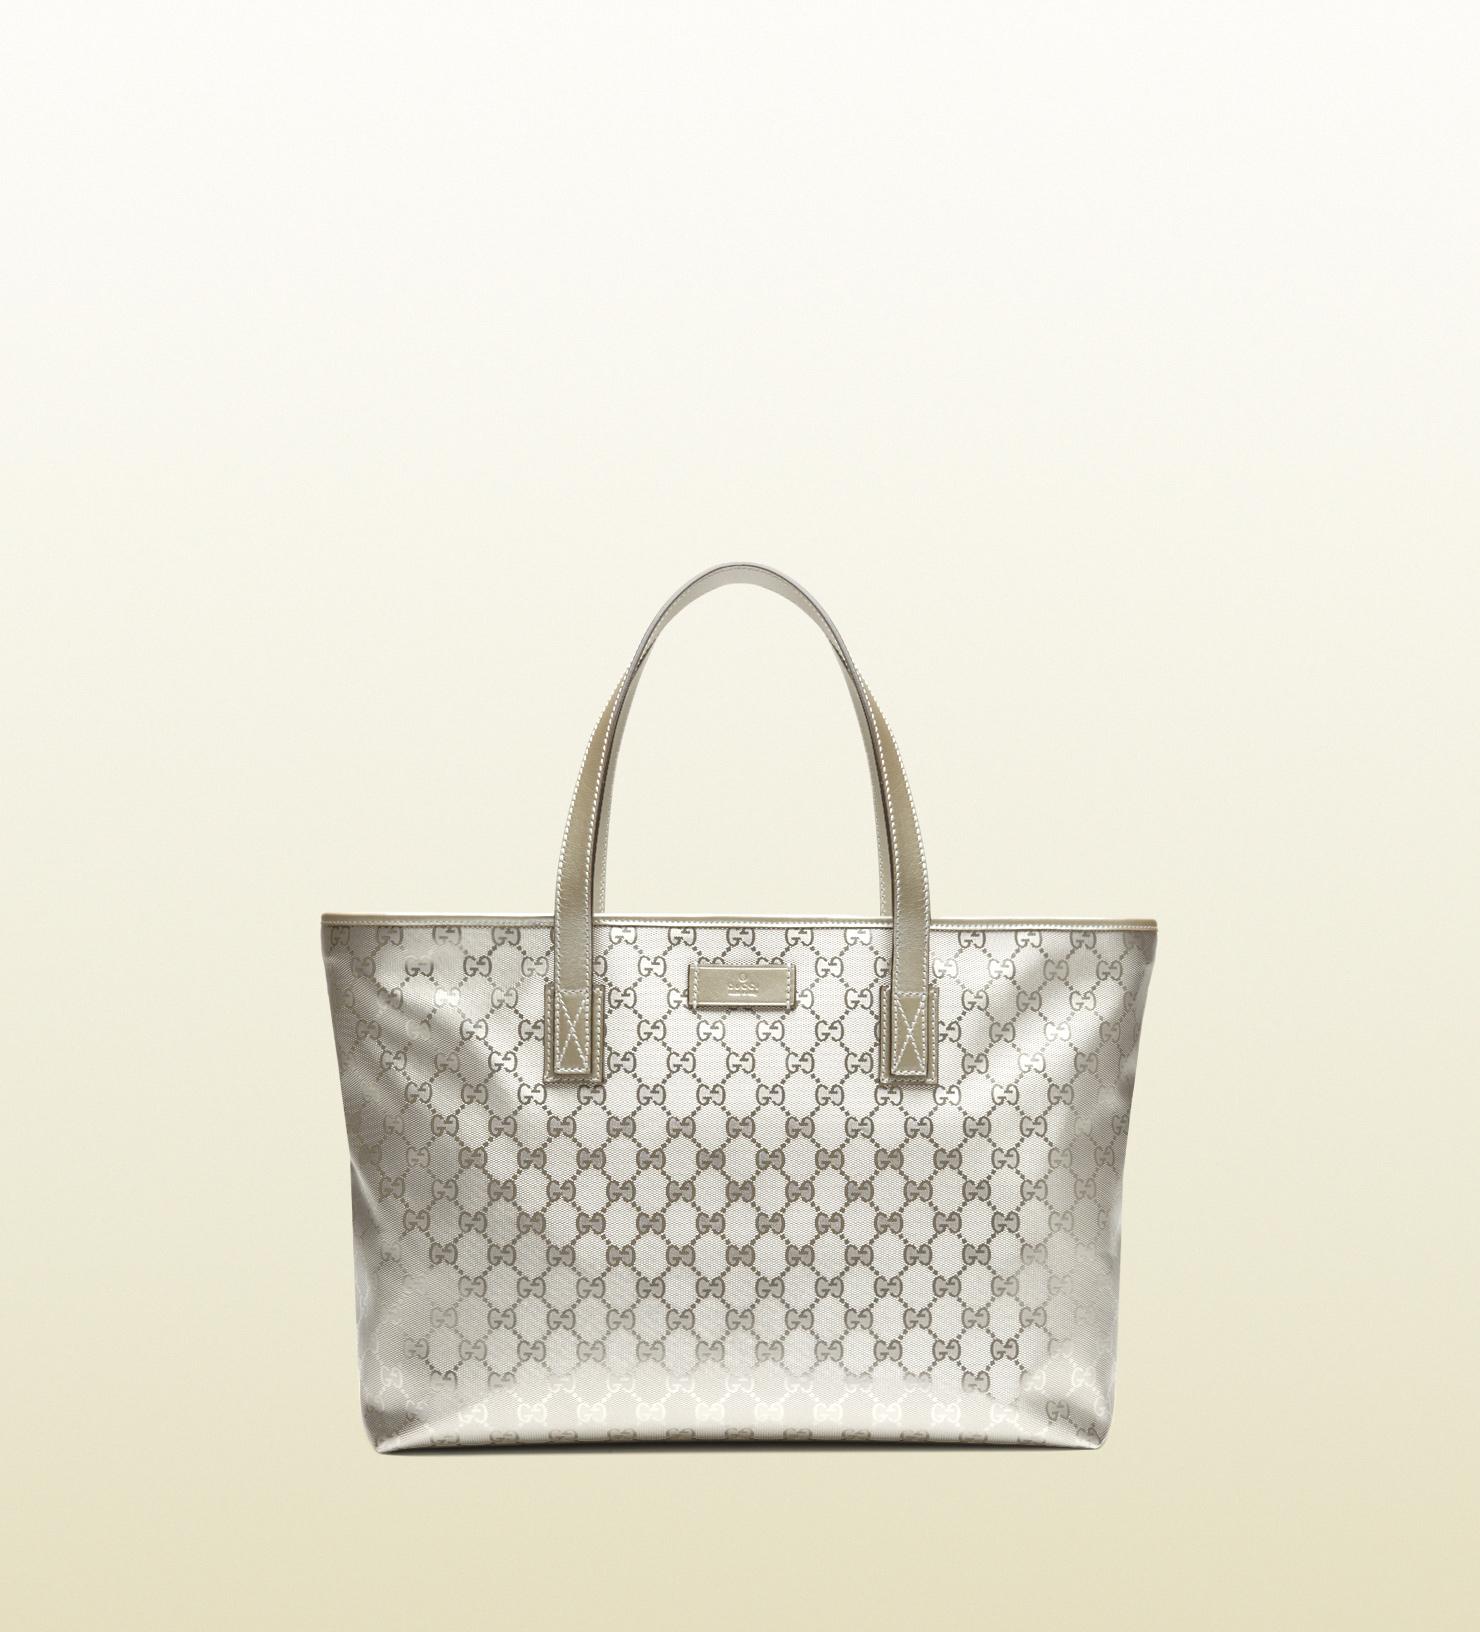 25d3334952e215 Gucci Silver Gg Imprime Tote in Metallic - Lyst